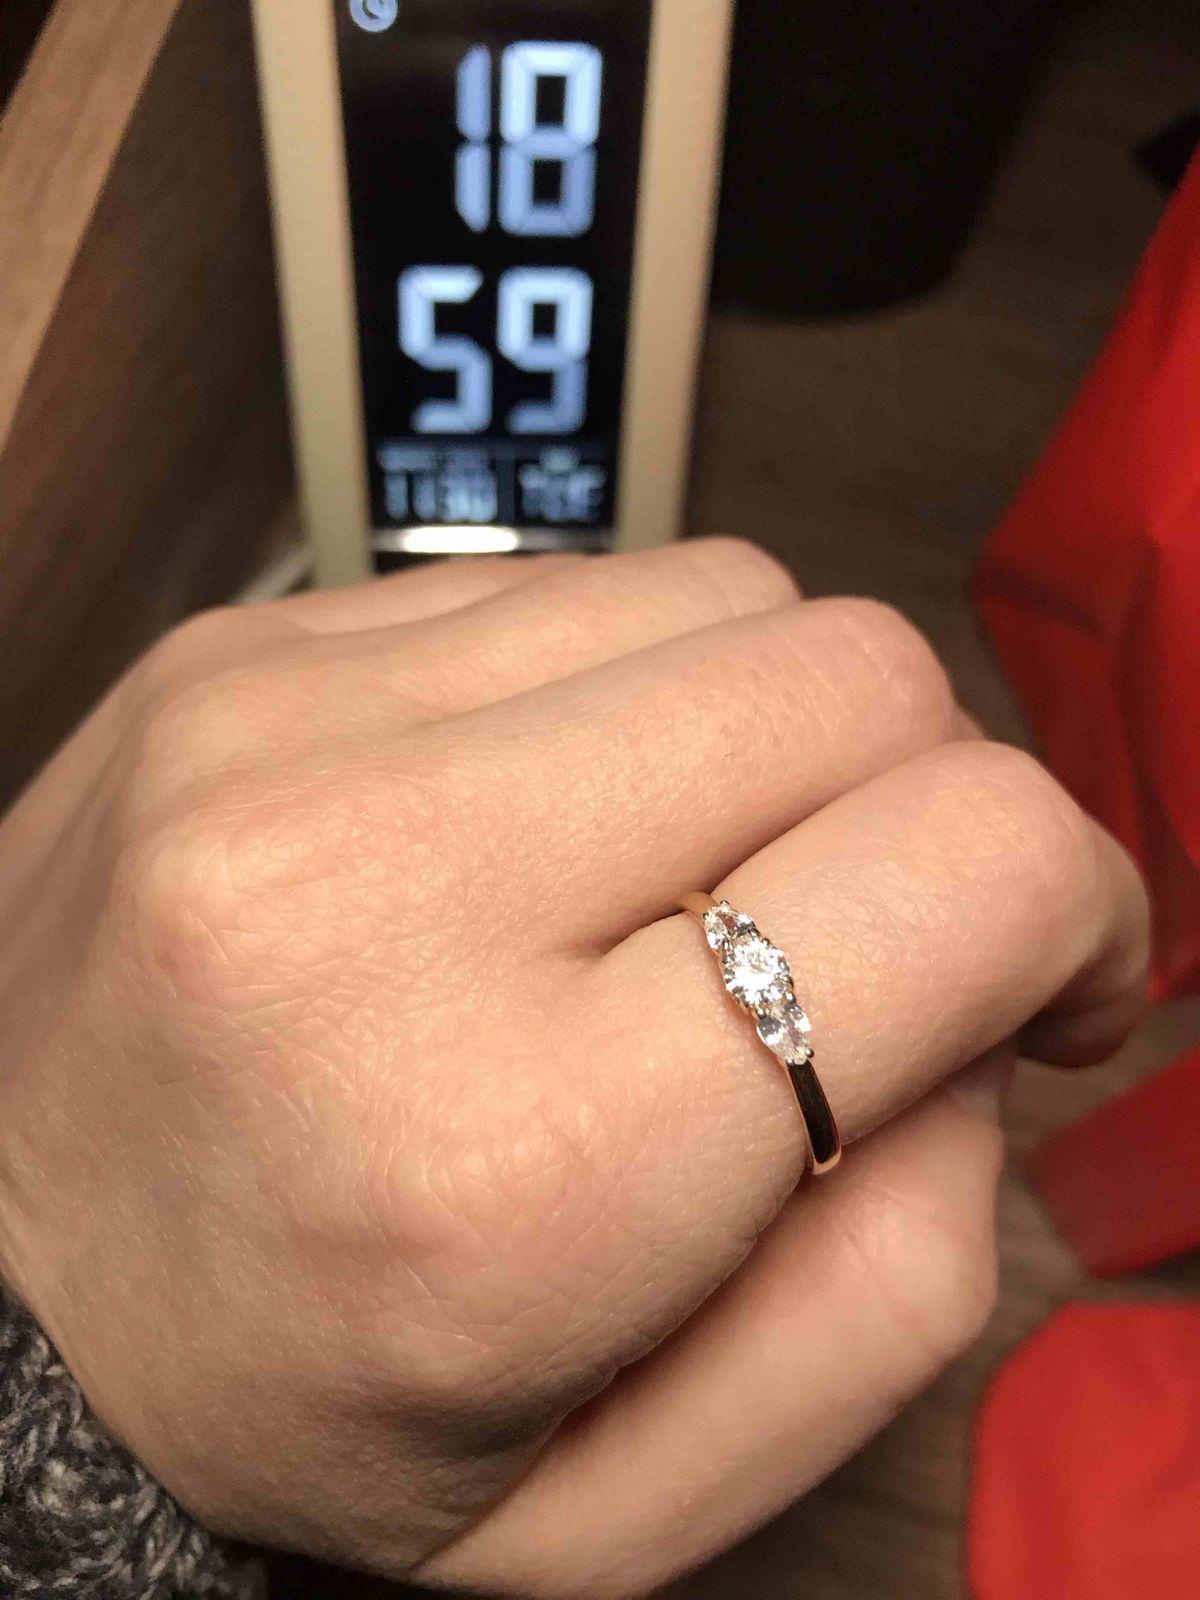 Невероятно красивое кольцо за смешные деньги!